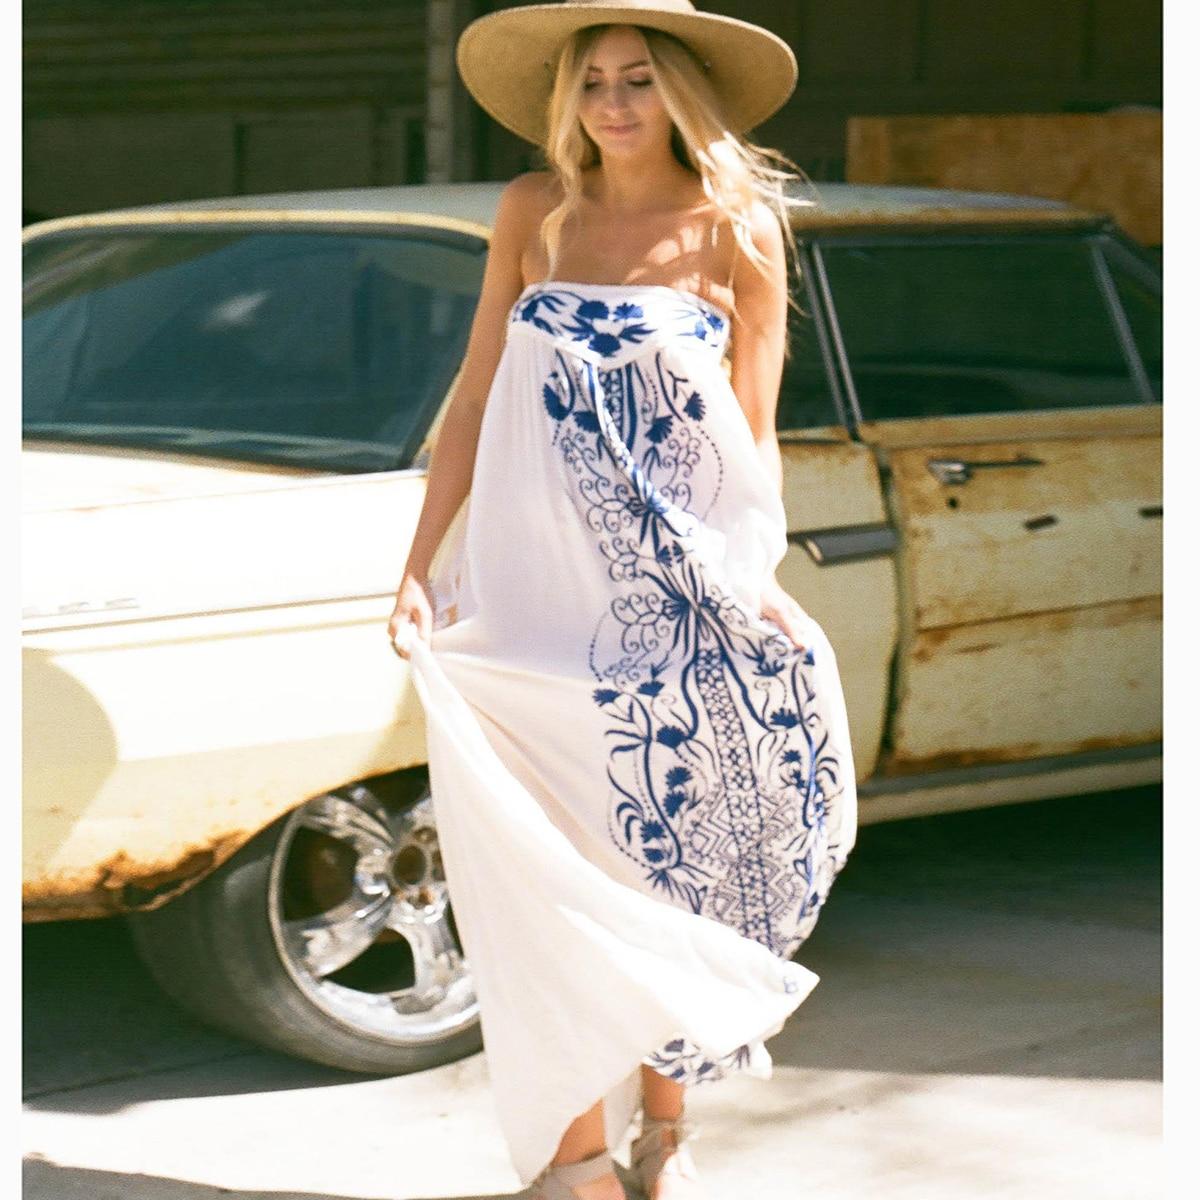 Broderie florale sans bretelles Maxi robe femmes vêtements d'été 2019 Vintage lâche robes blanches plage Hippie Boho Chic longue robe